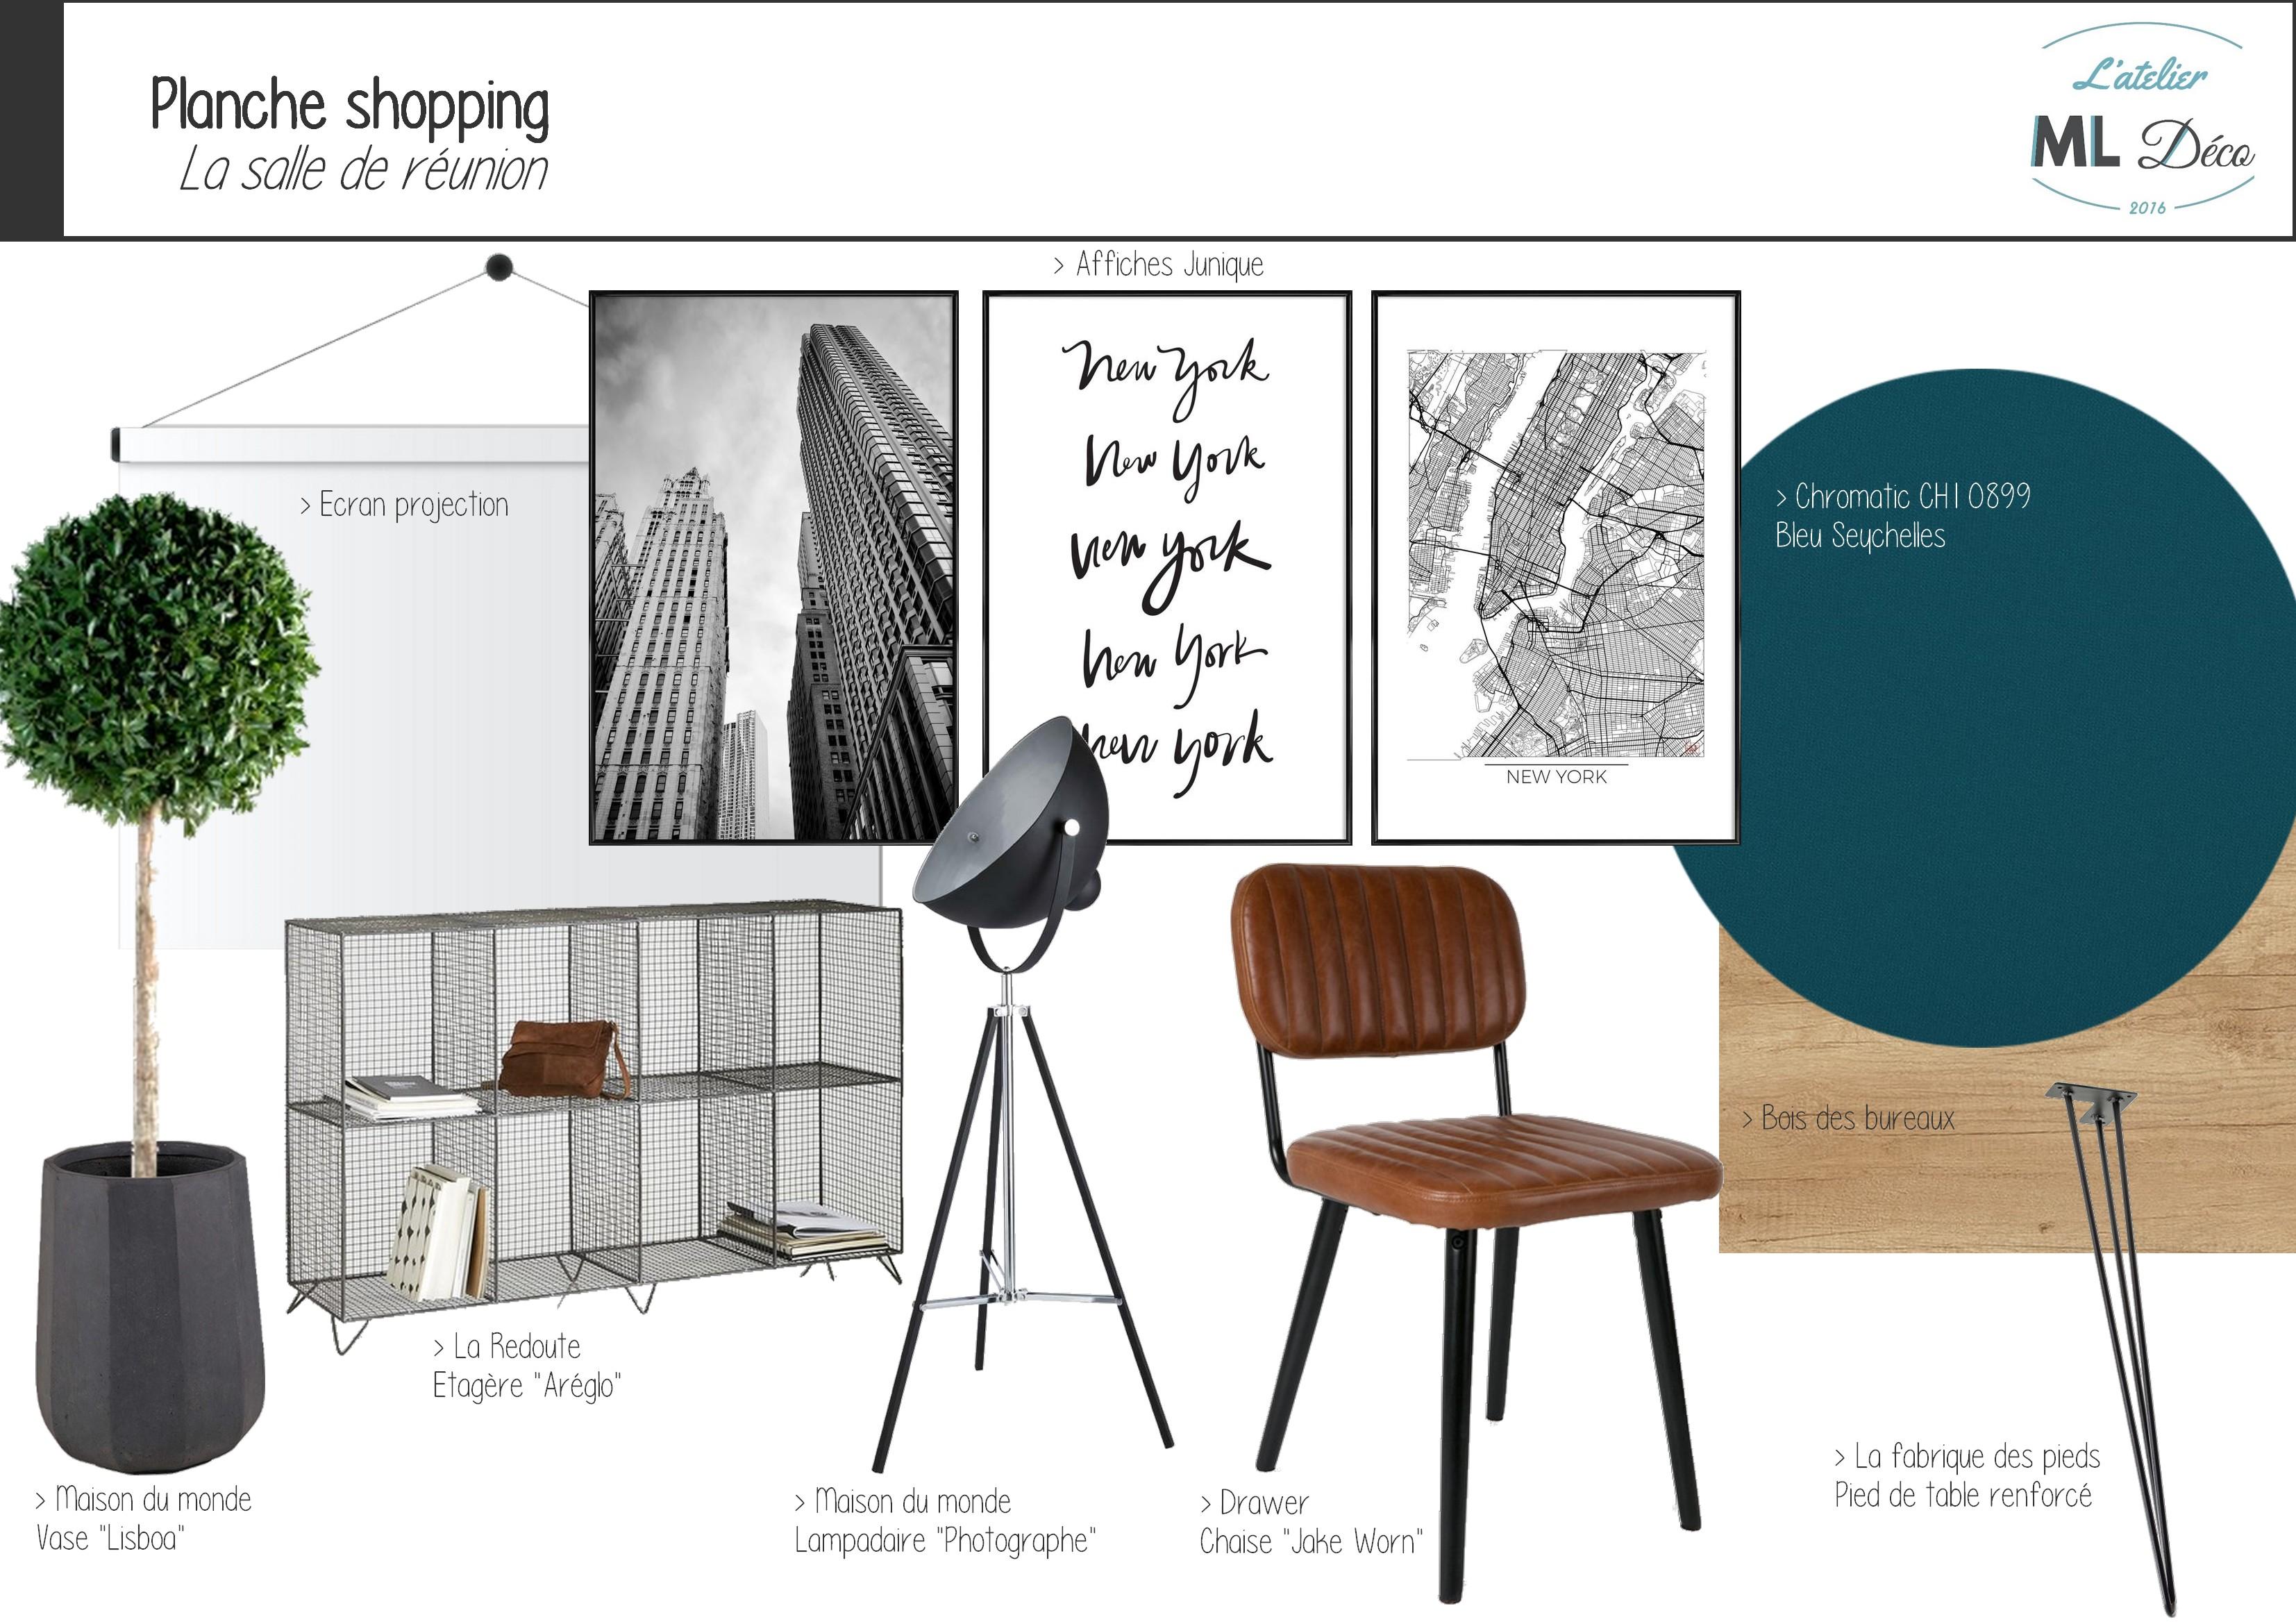 Planche shopping - Salle de réunion